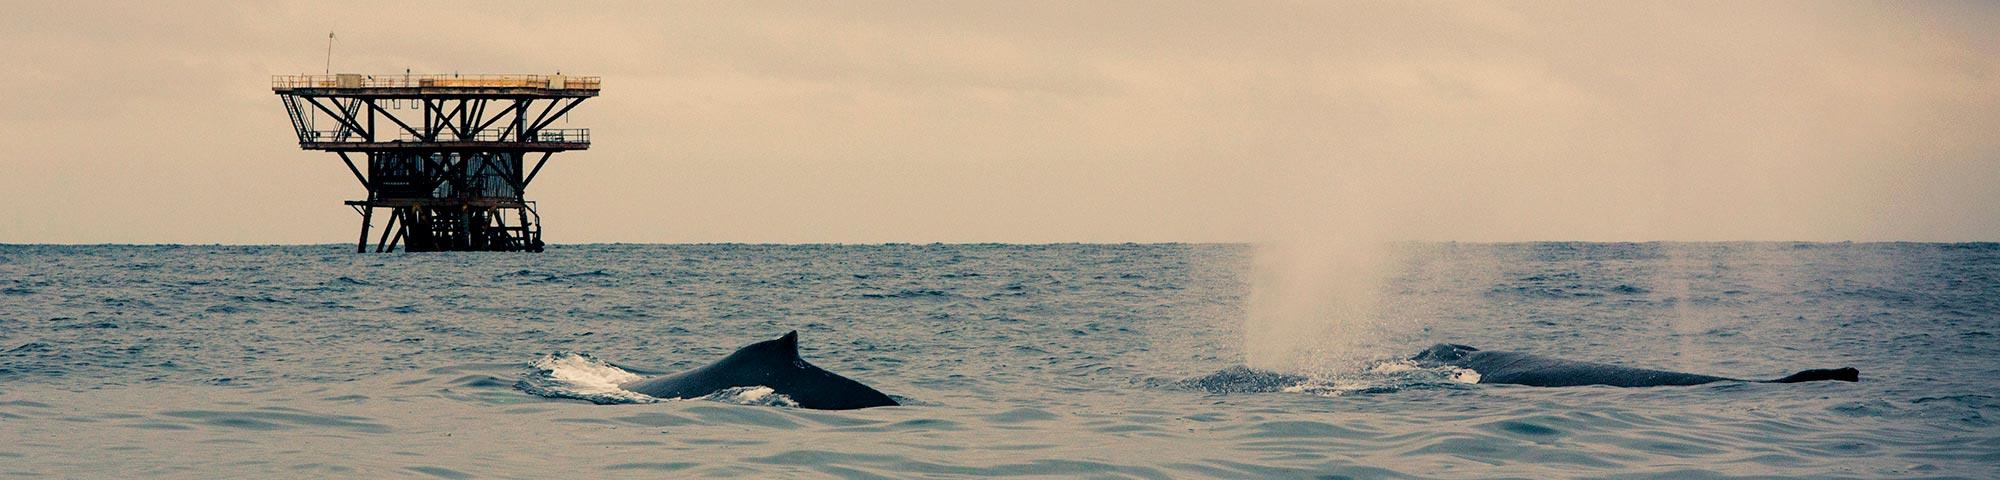 Piura y Tumbes reactivarán el turismo con avistamiento de ballenas